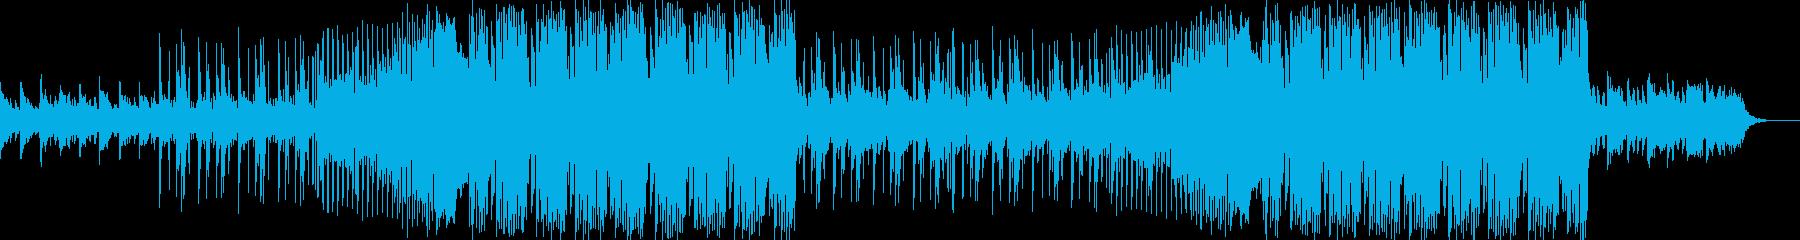 企業VP・爽やかなFuture Bassの再生済みの波形